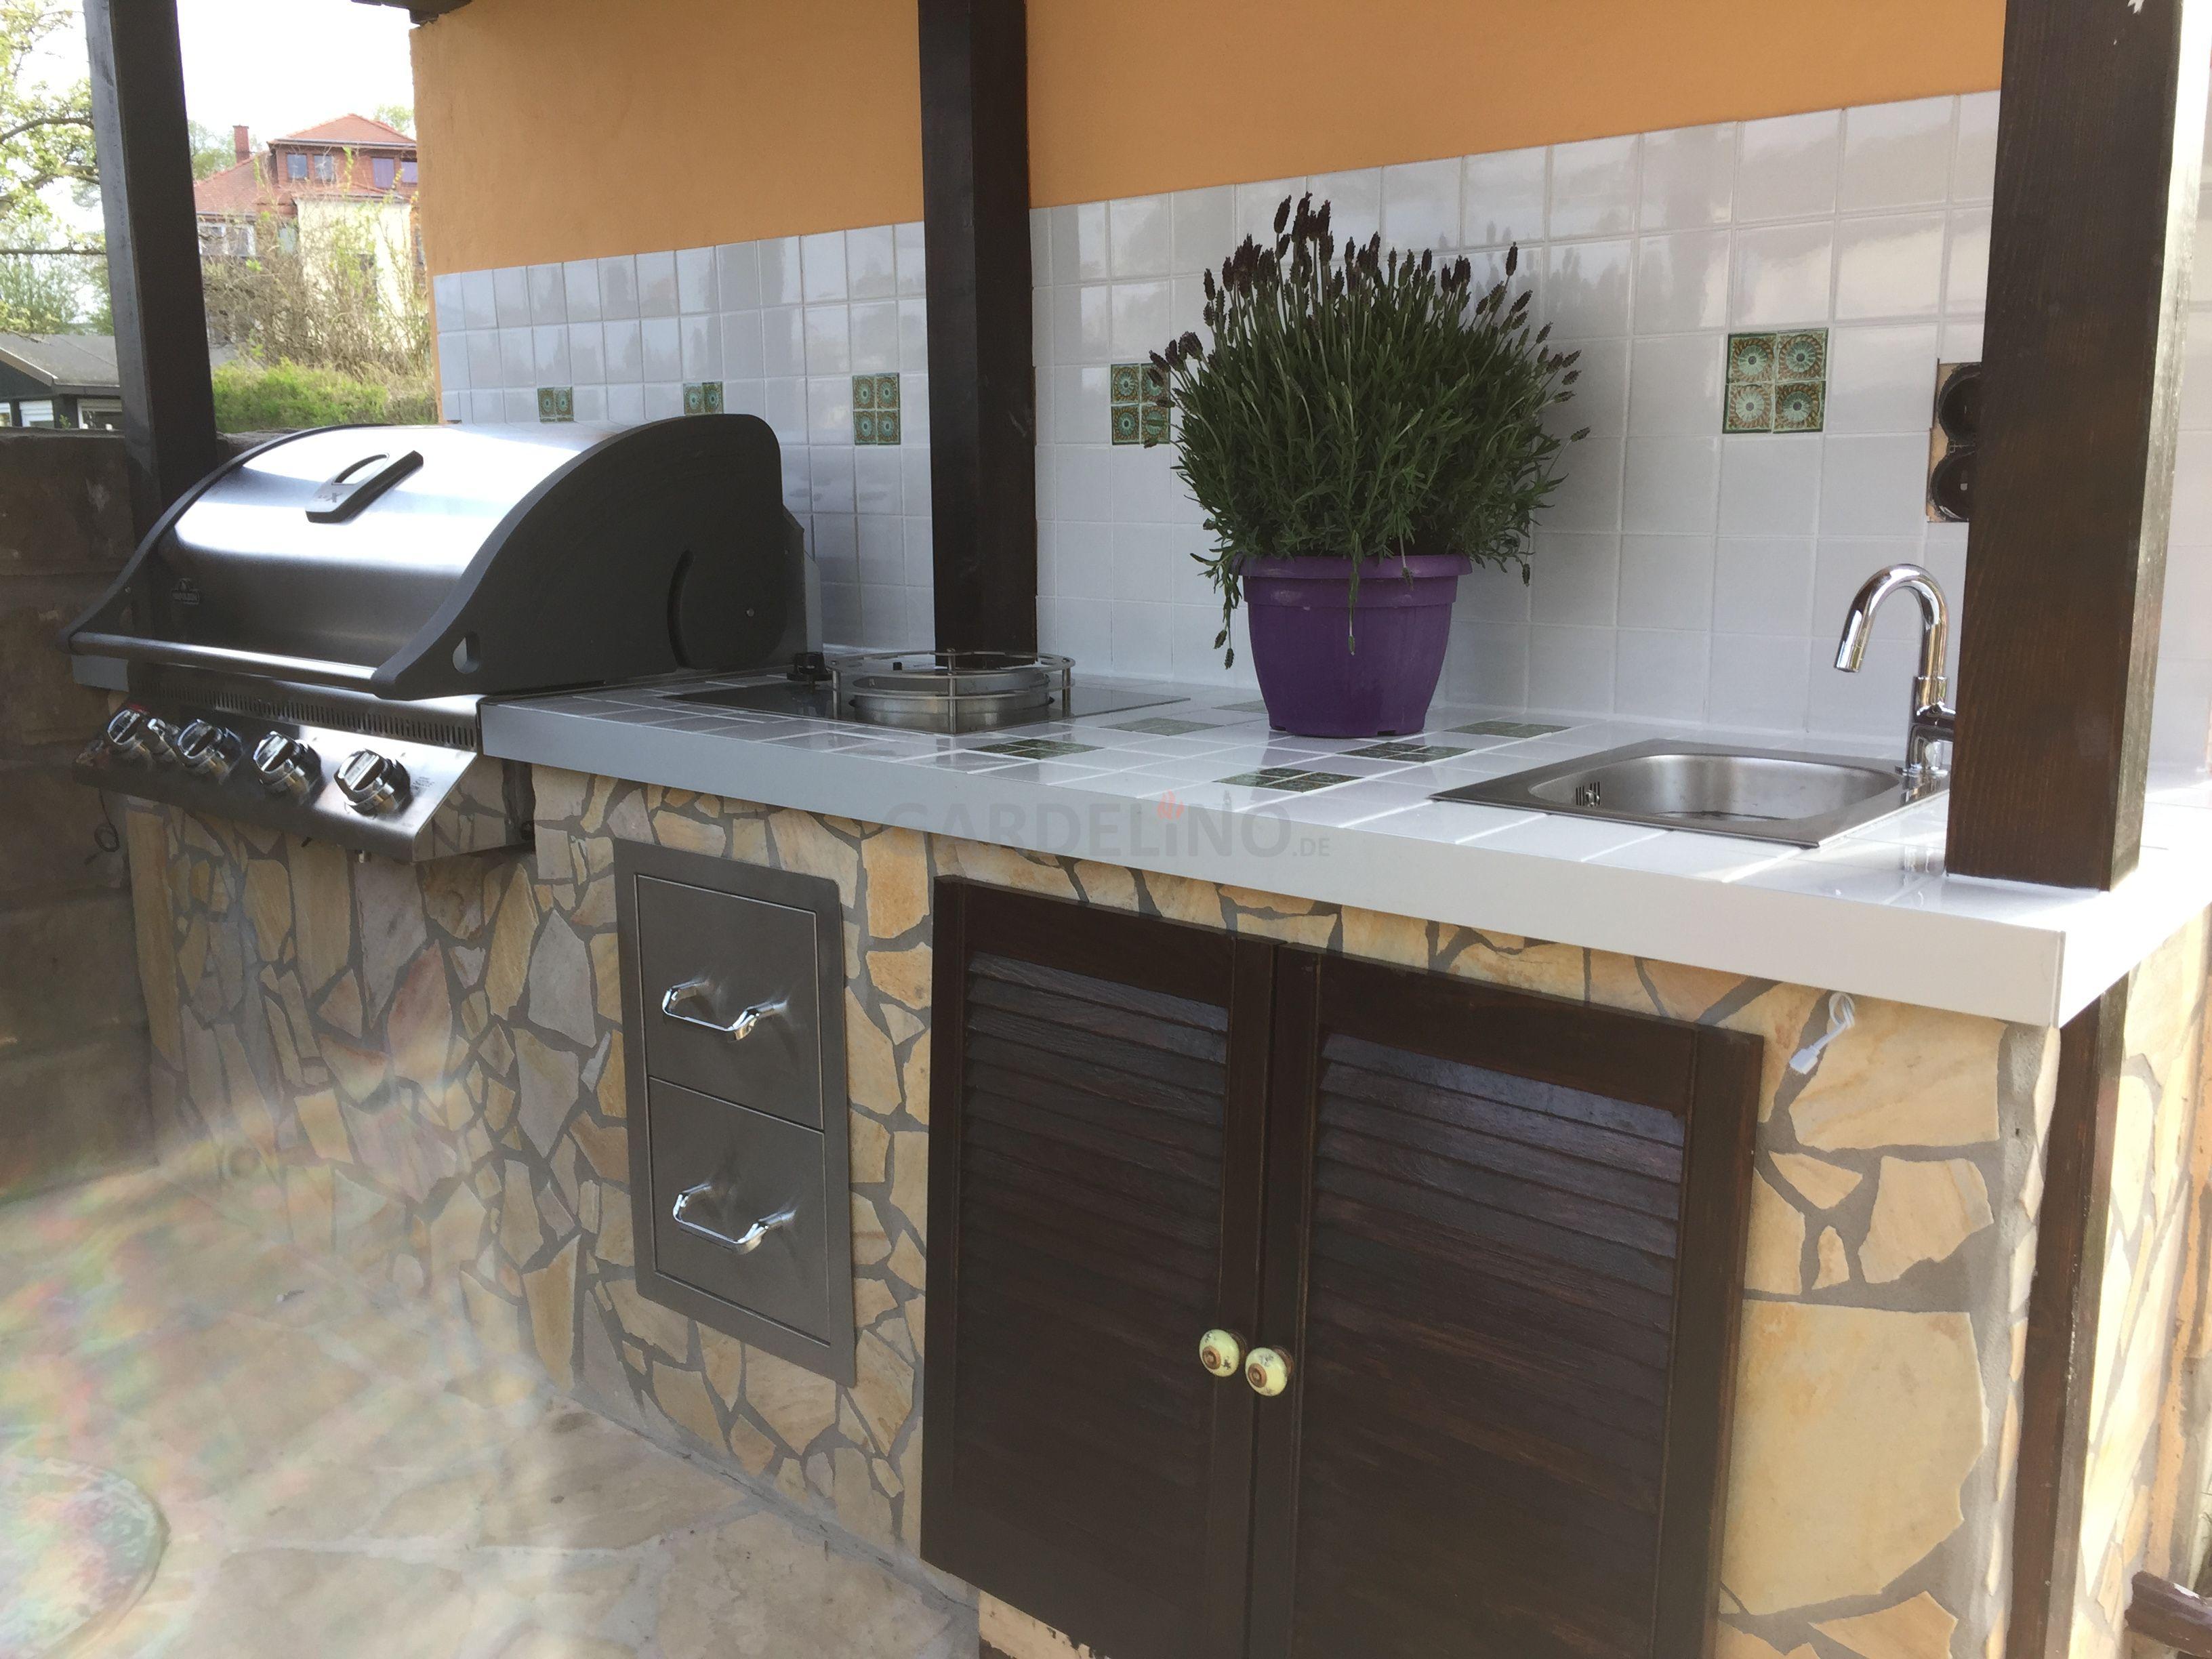 Outdoorküche Tür Xxl : Gasgrill für outdoor küche. wasserhahn küche mit anschluss für